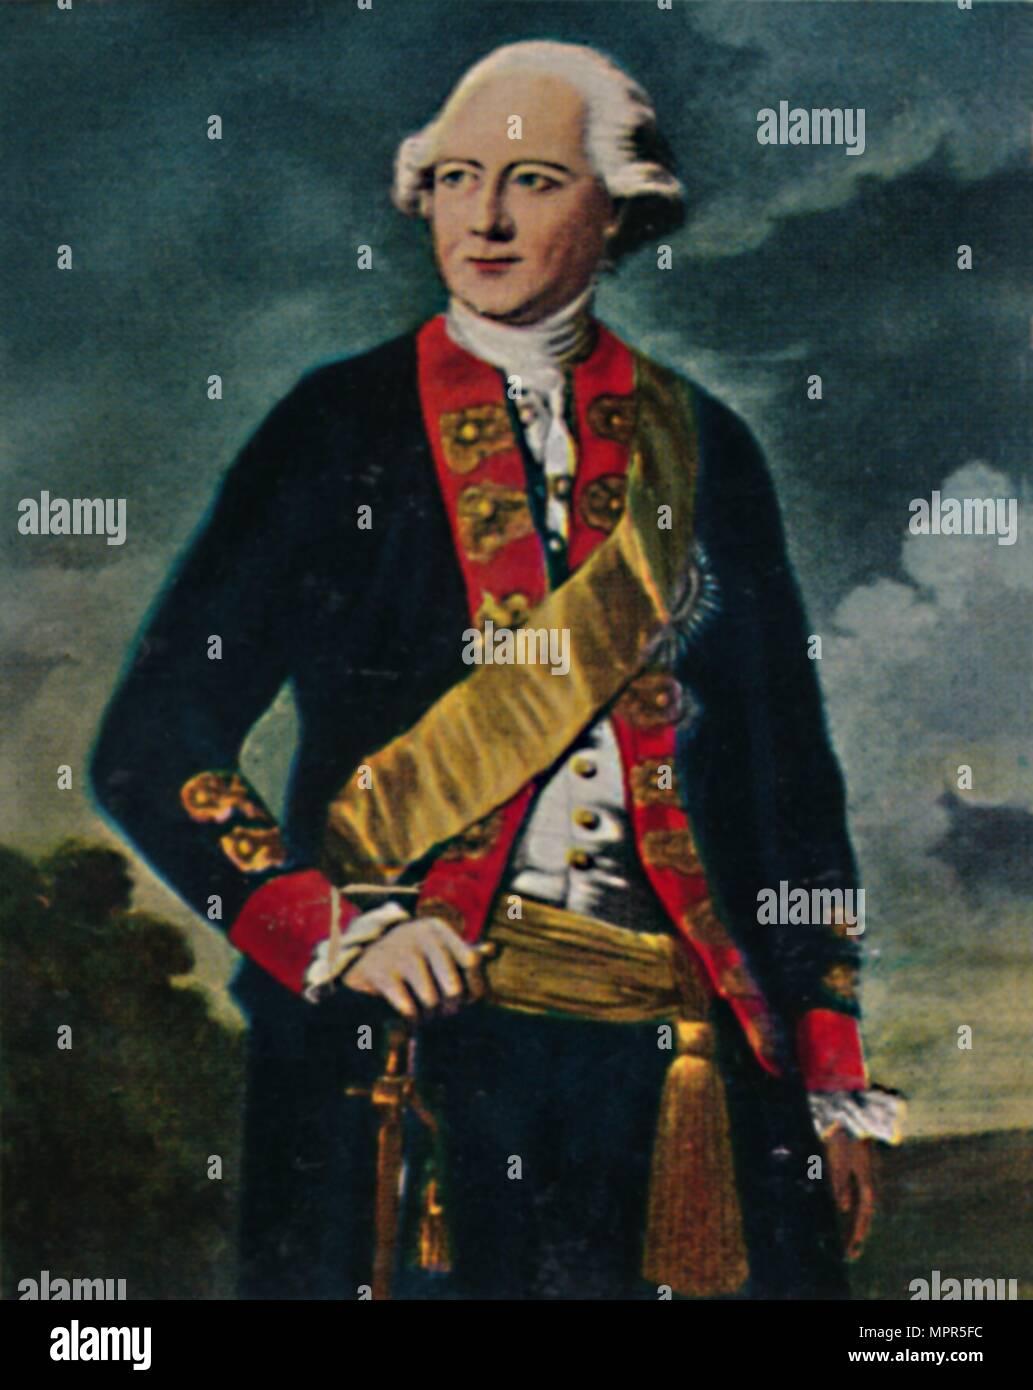 'Feldmarschall von Möllendorff 1724-1816', 1934. Artist: Unknown. - Stock Image